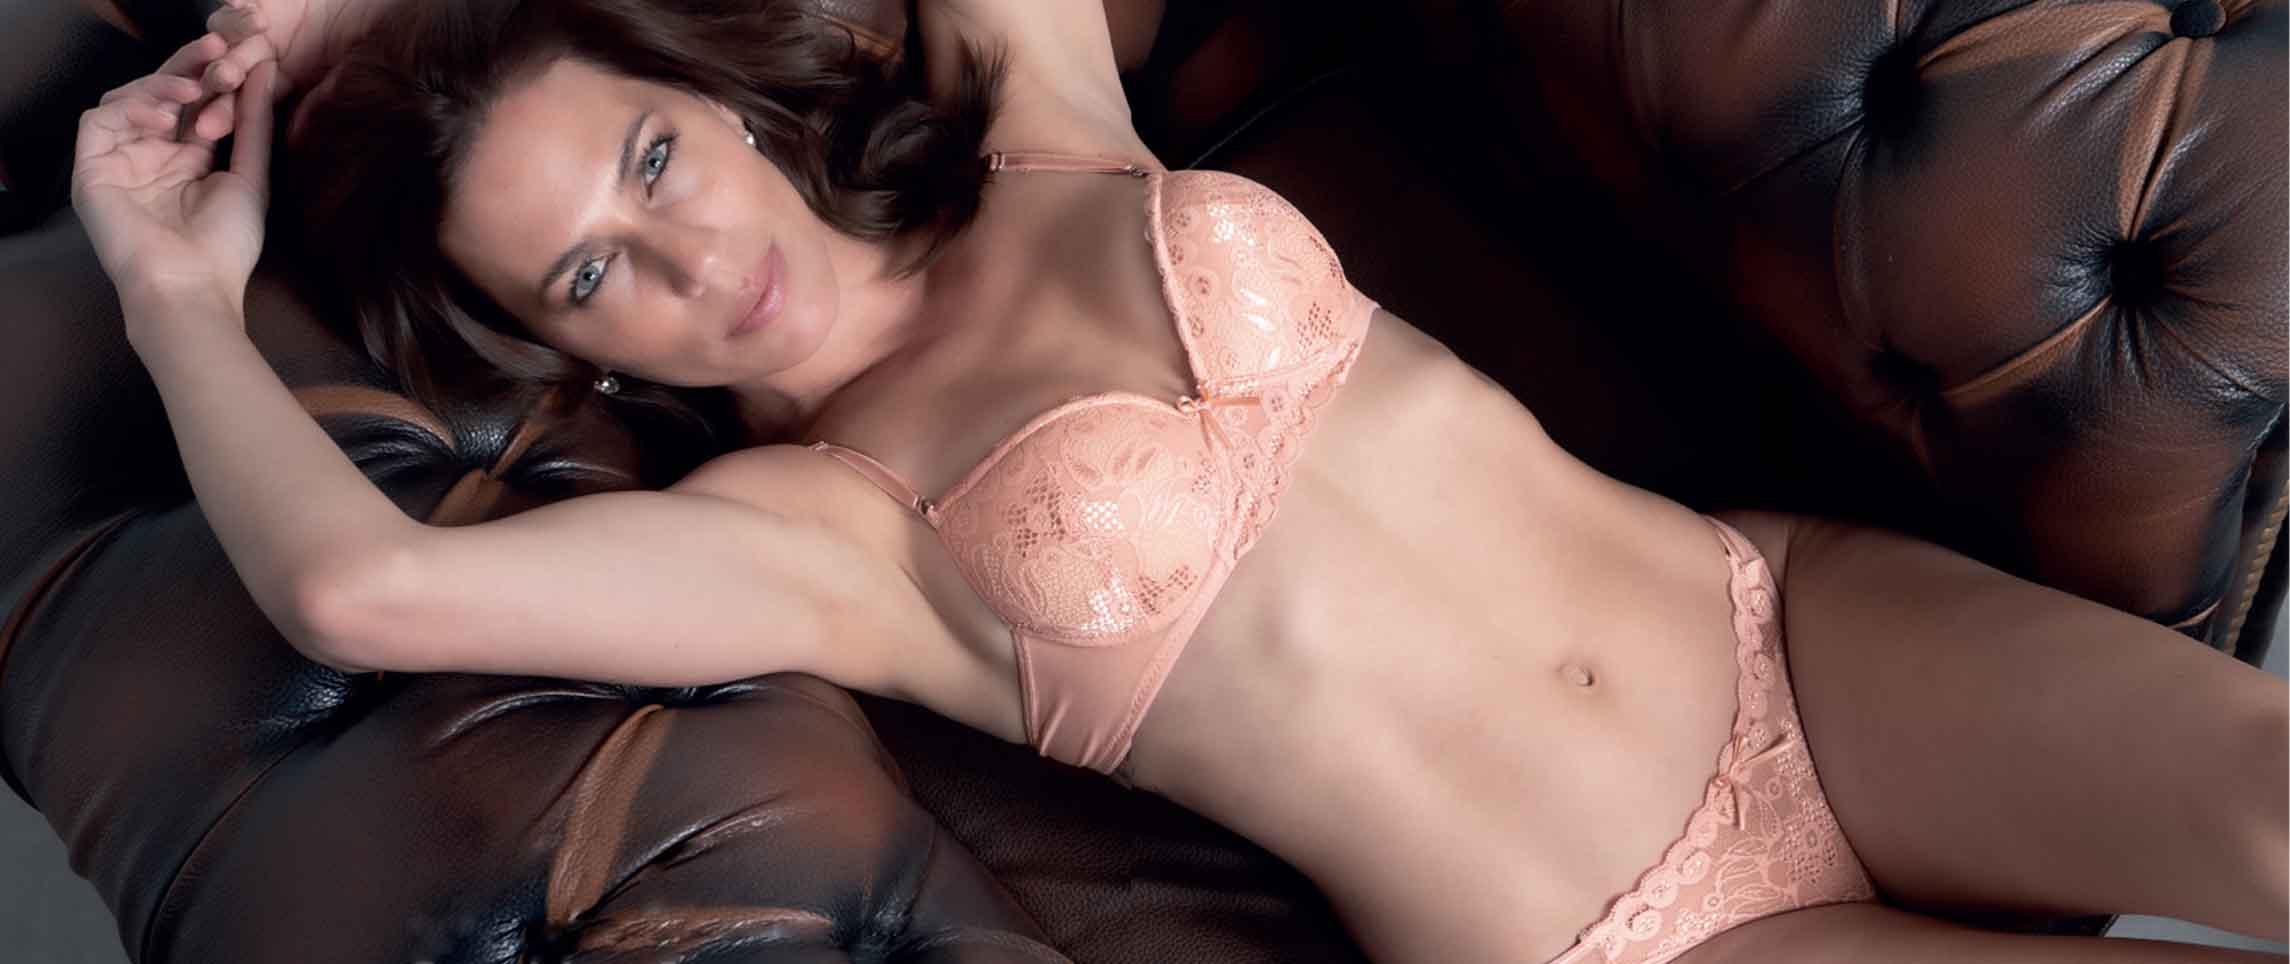 Modelo posando en ropa interior